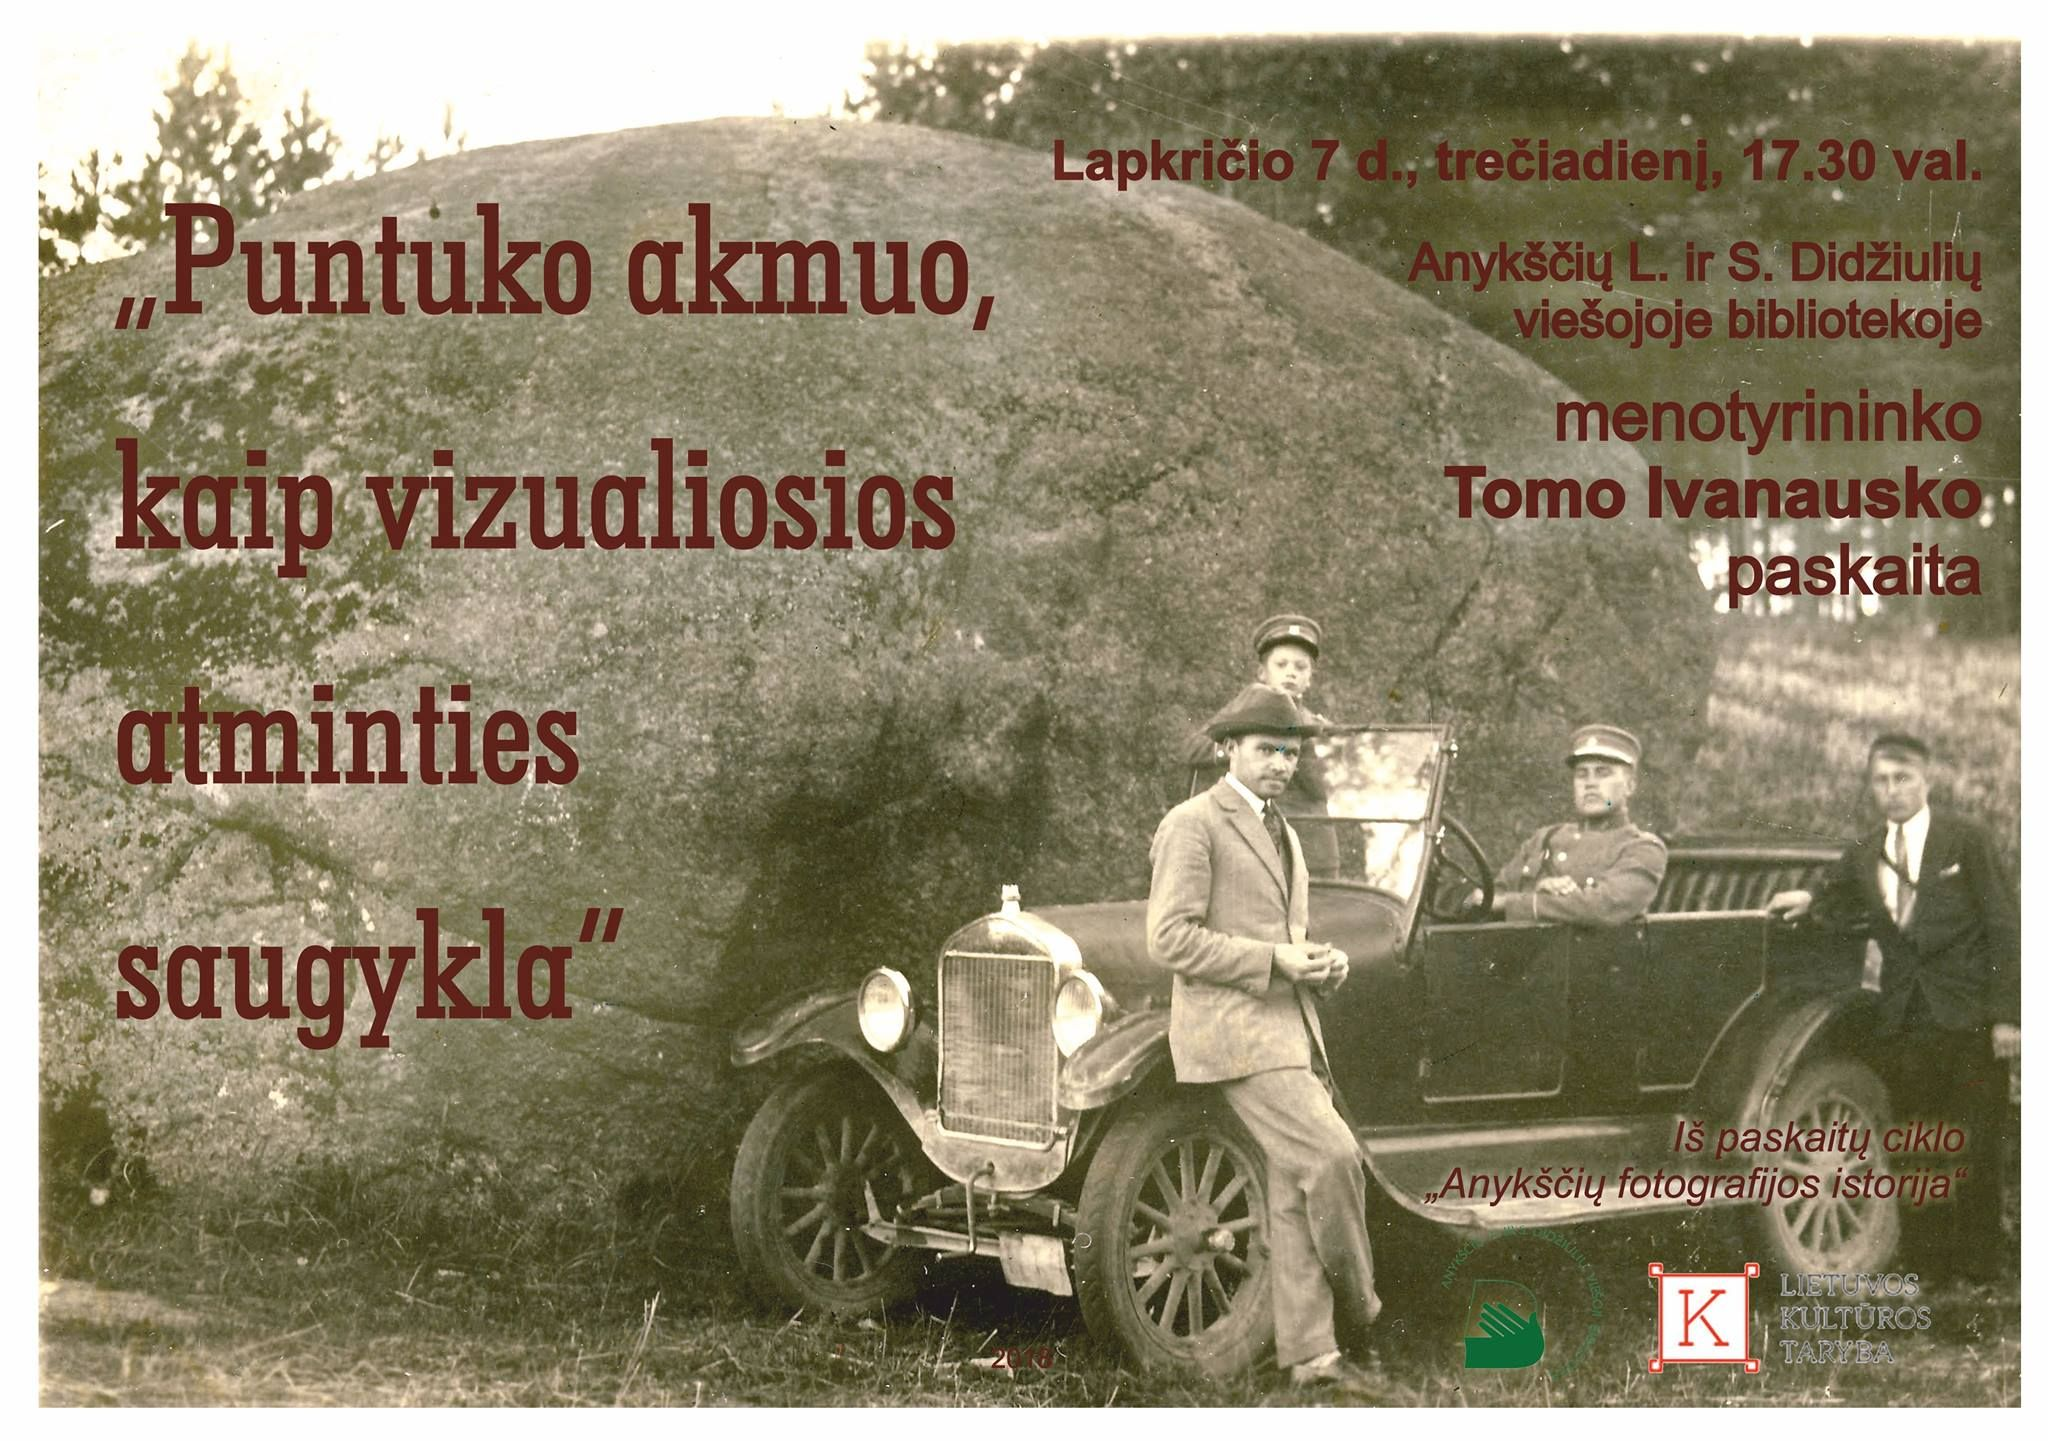 """Menotyrininko Tomo Ivanausko paskaita """"Puntuko akmuo kaip vizualiosios atminties saugykla"""""""